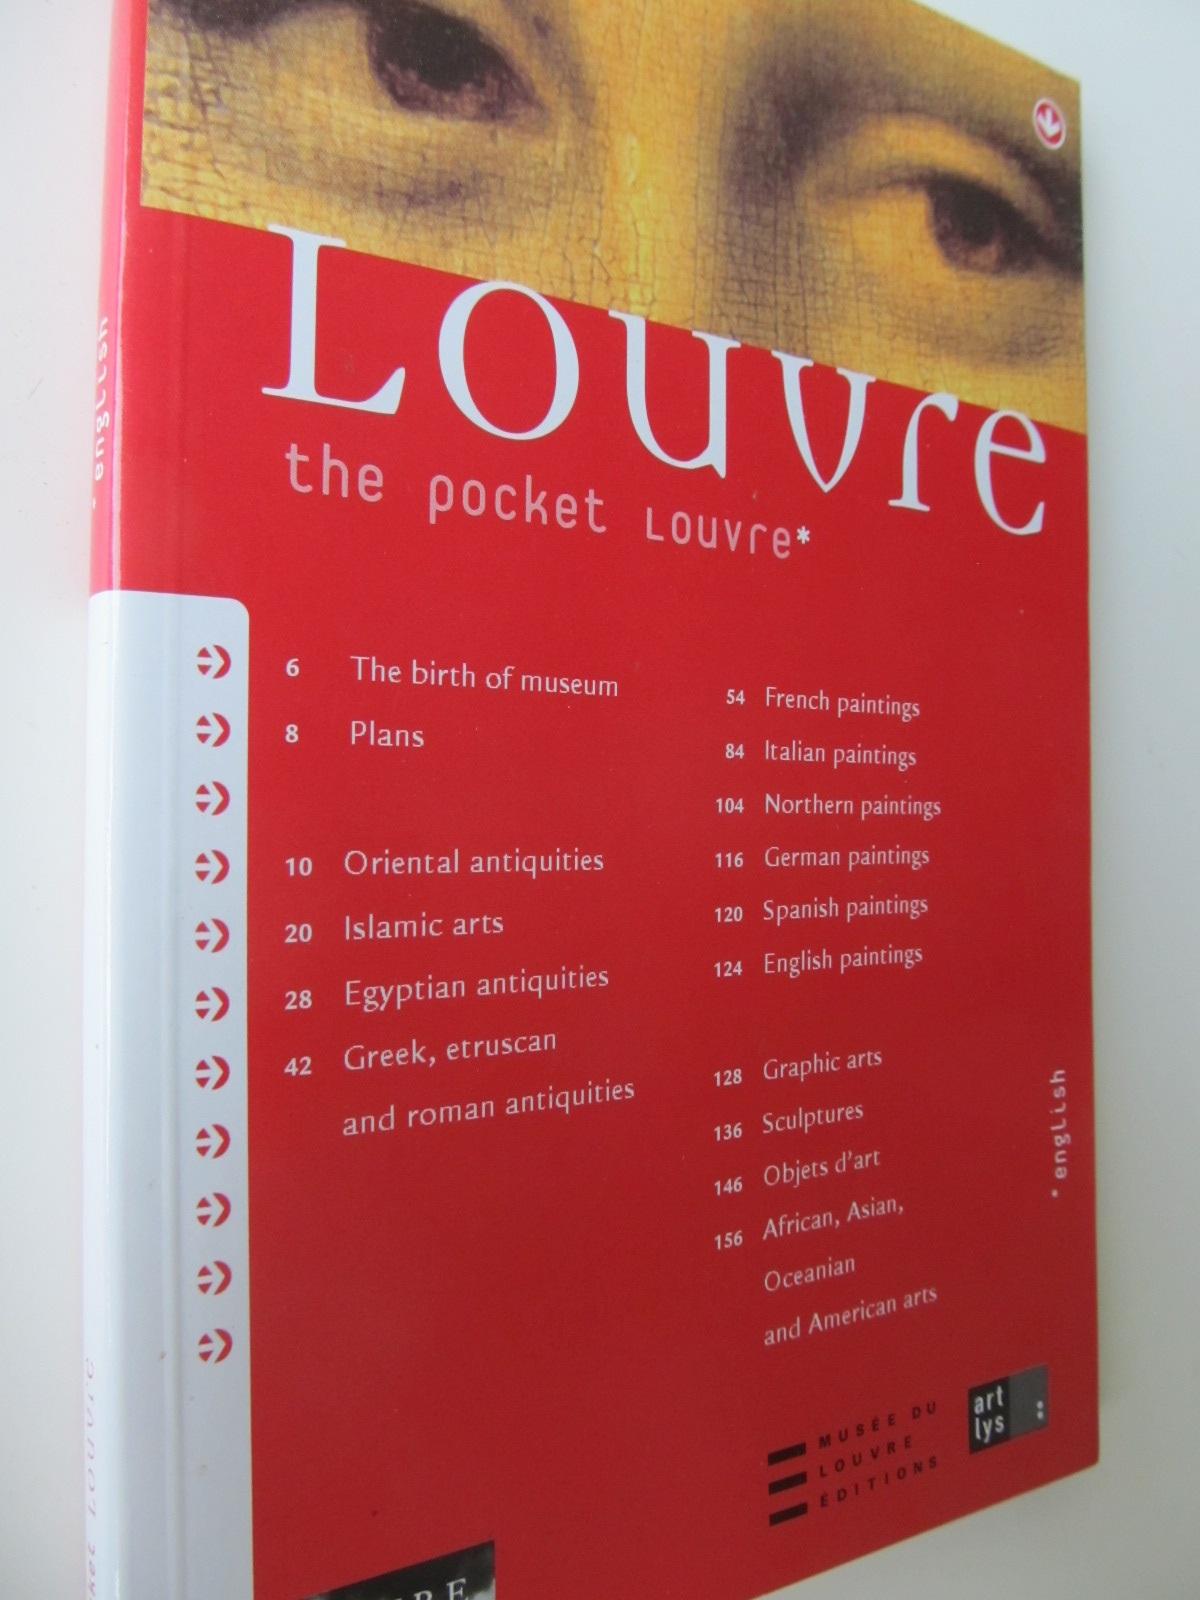 Louvre the pocket Louvre (Album) - Valerie Mettais | Detalii carte